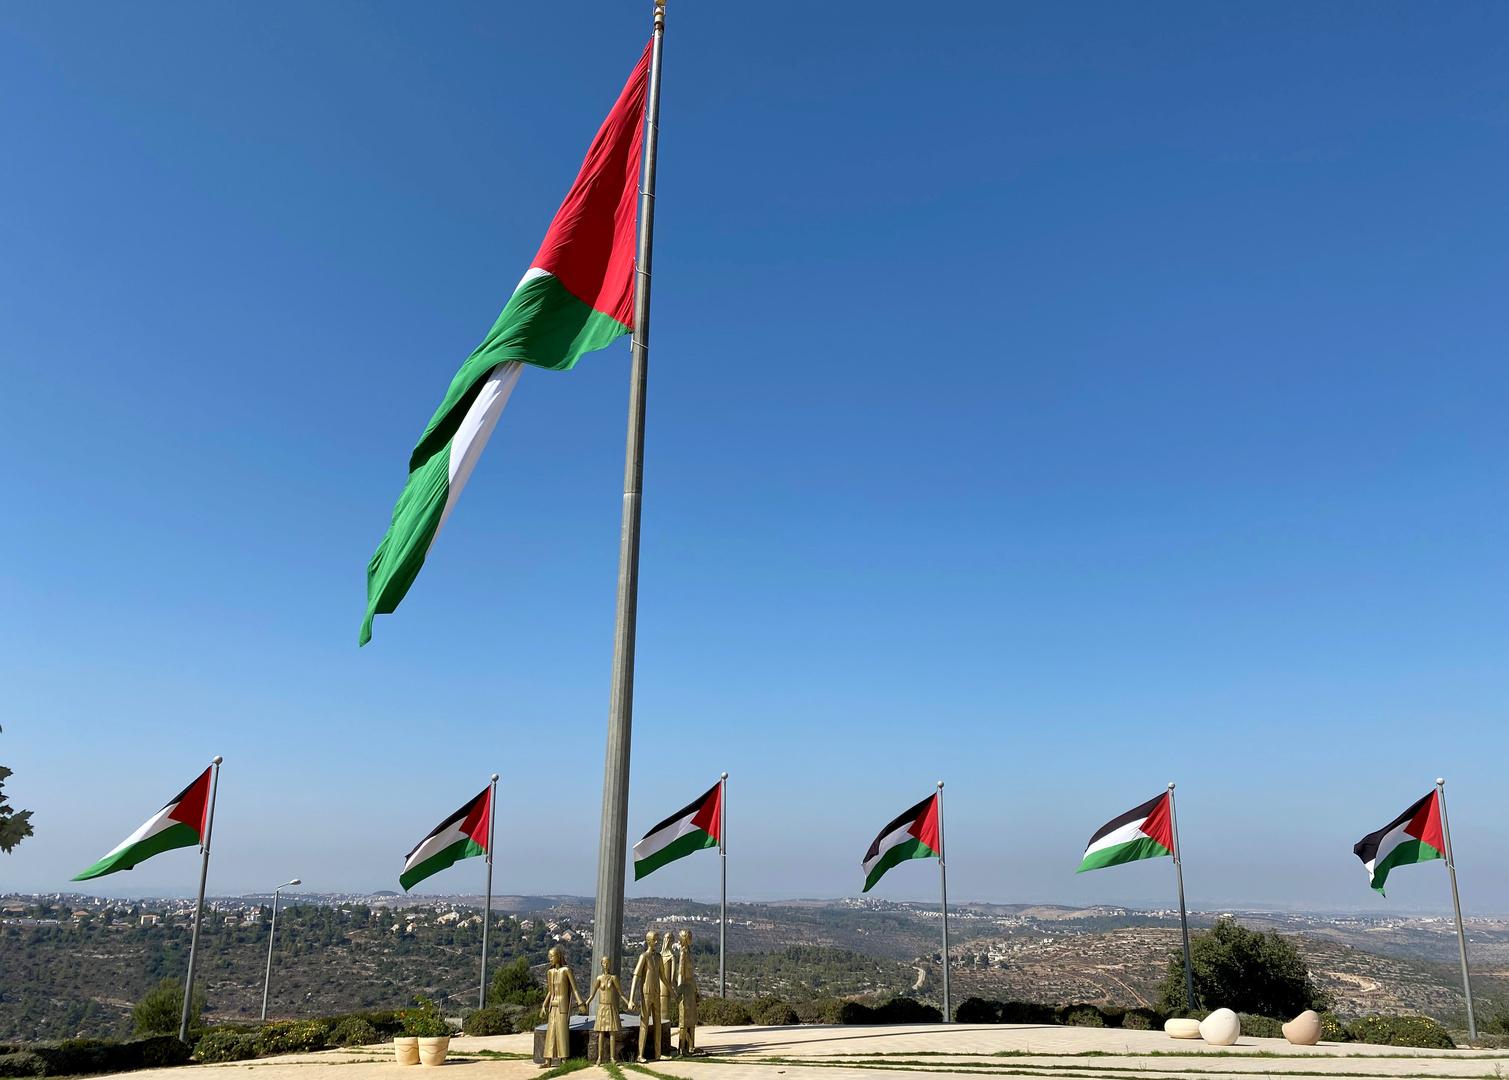 السلطة الفلسطينية: انطلاقنا نحو الاقتصاد الرقمي يتراجع بسبب سيطرة إسرائيل على طيف 4G و 5G